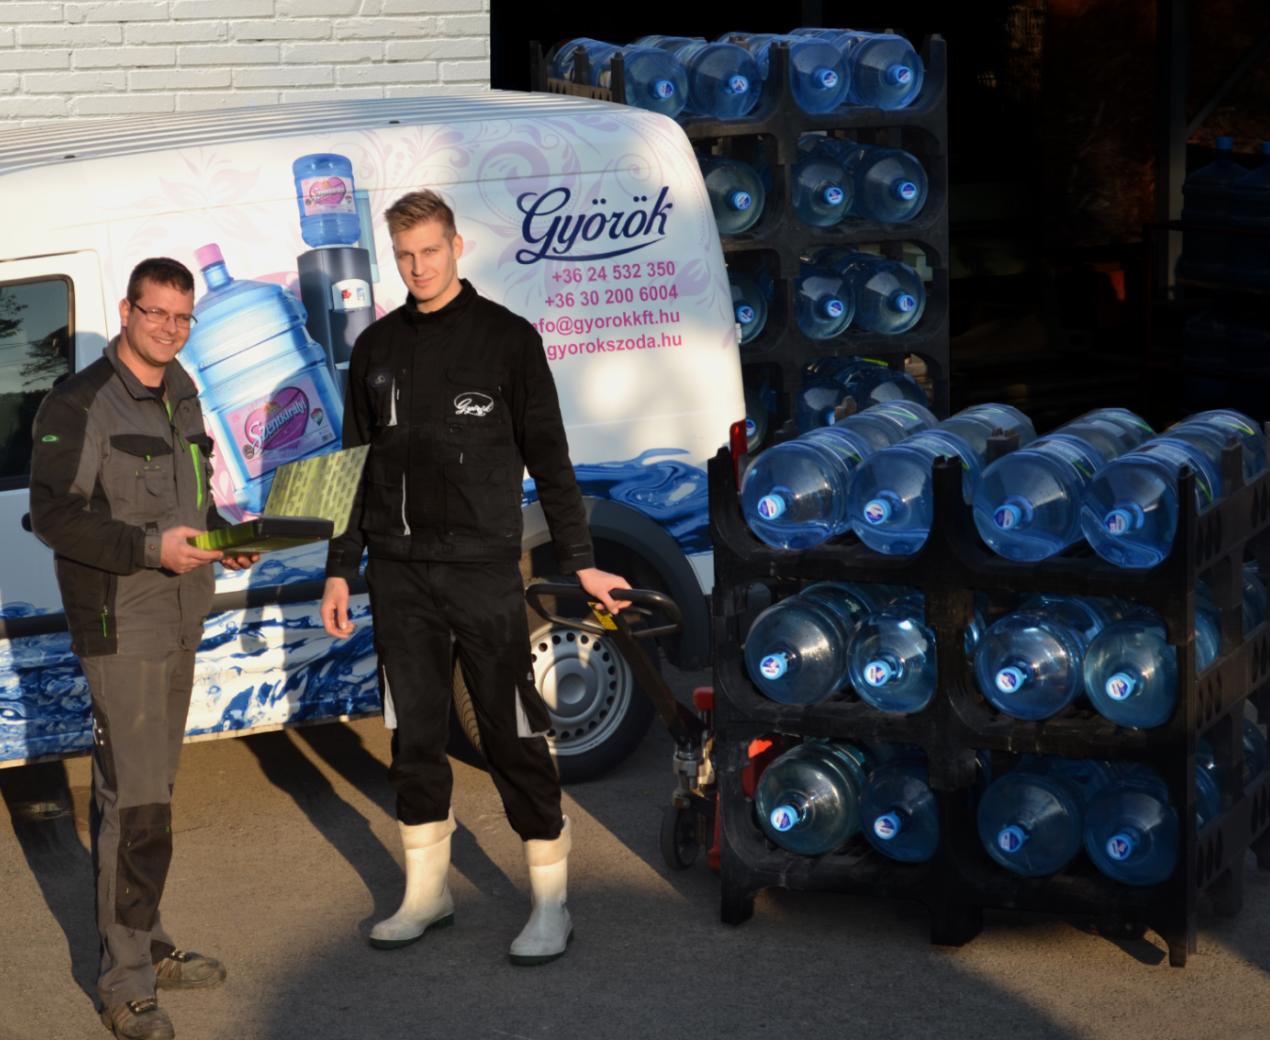 Györök Kft. Ballonos Víz és Szikvízgyártás